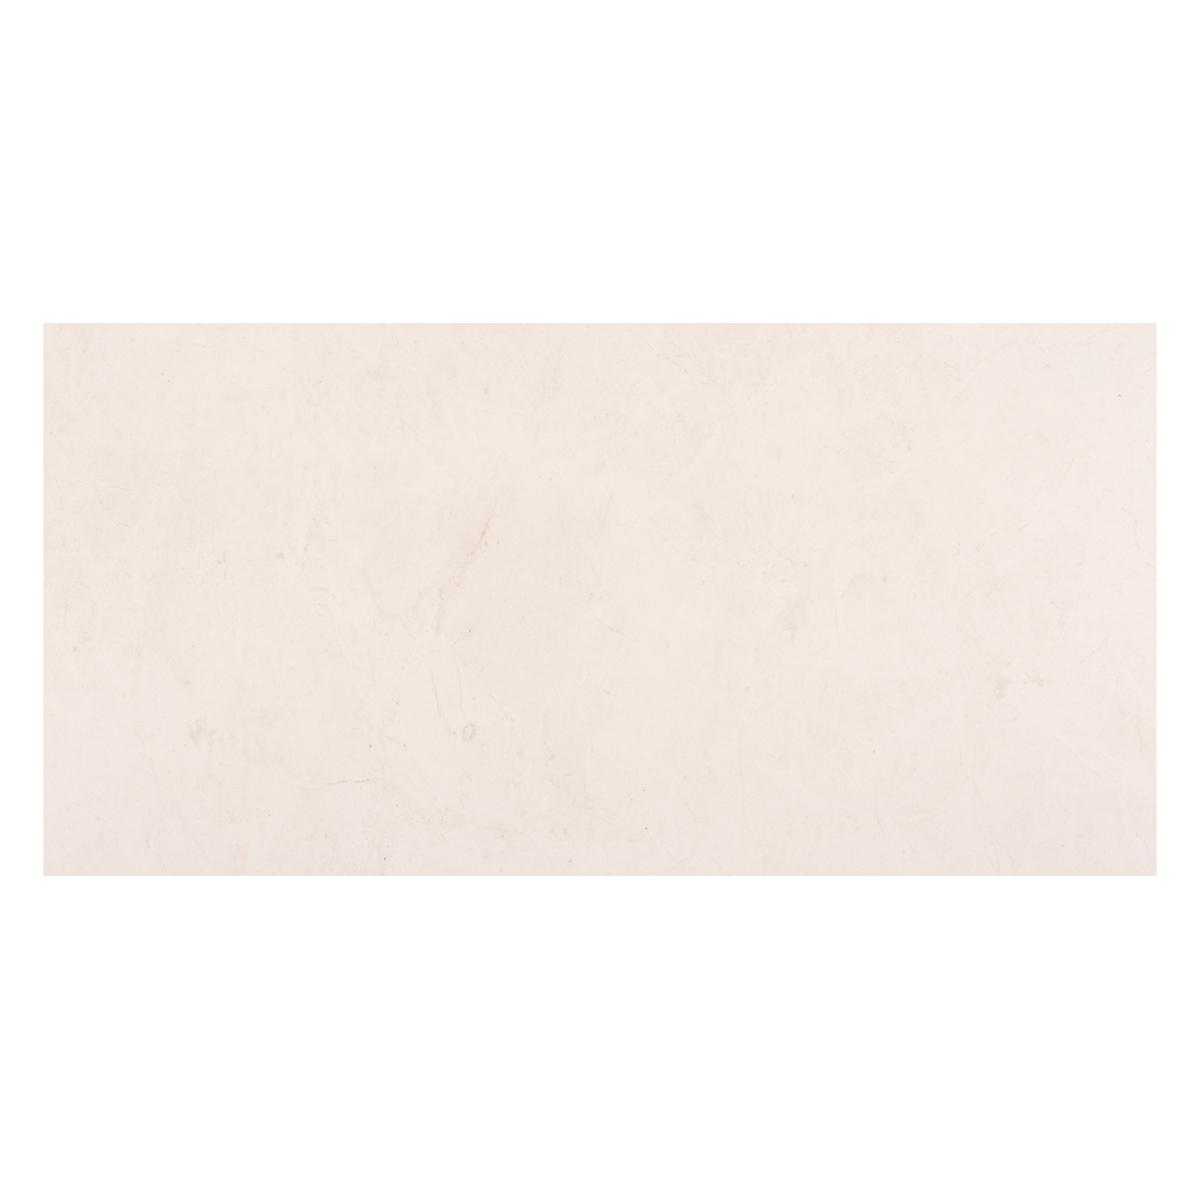 Mayólica Brooke Beige Brillante - 30X60 cm - 0.90 m2